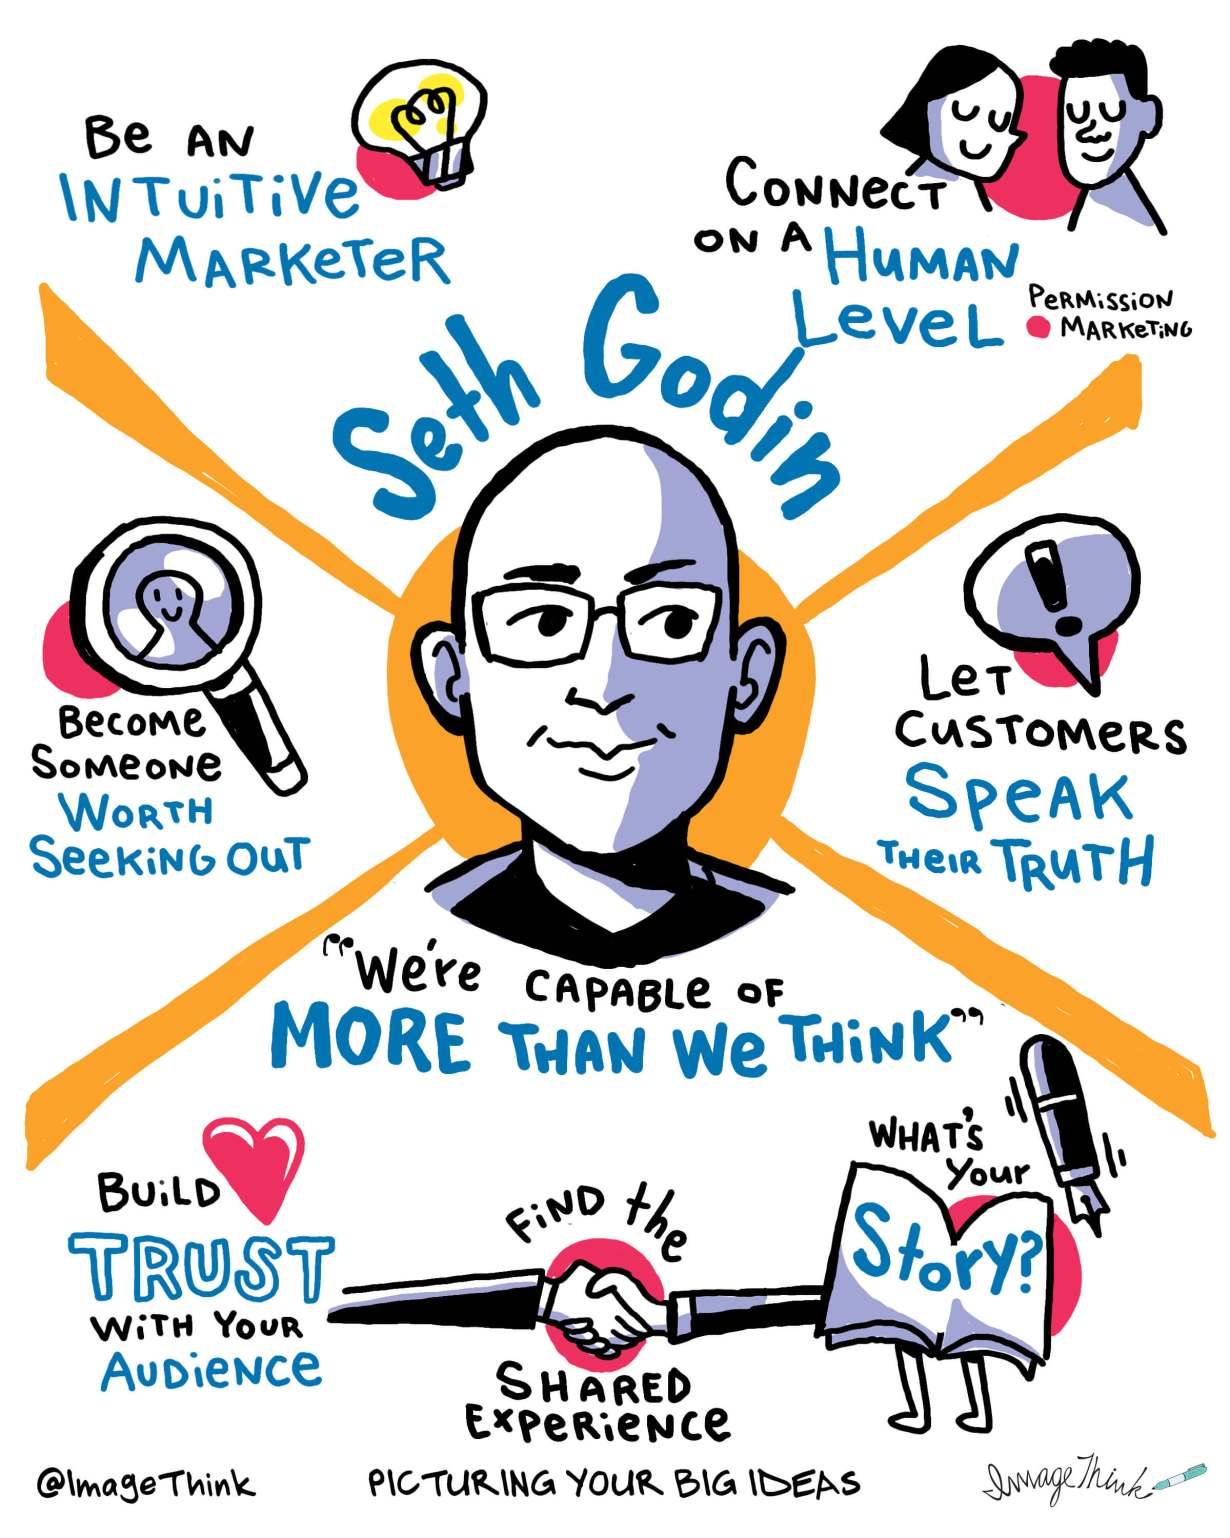 Seth Godin LinkedIn Podcast sketchnote imagethink